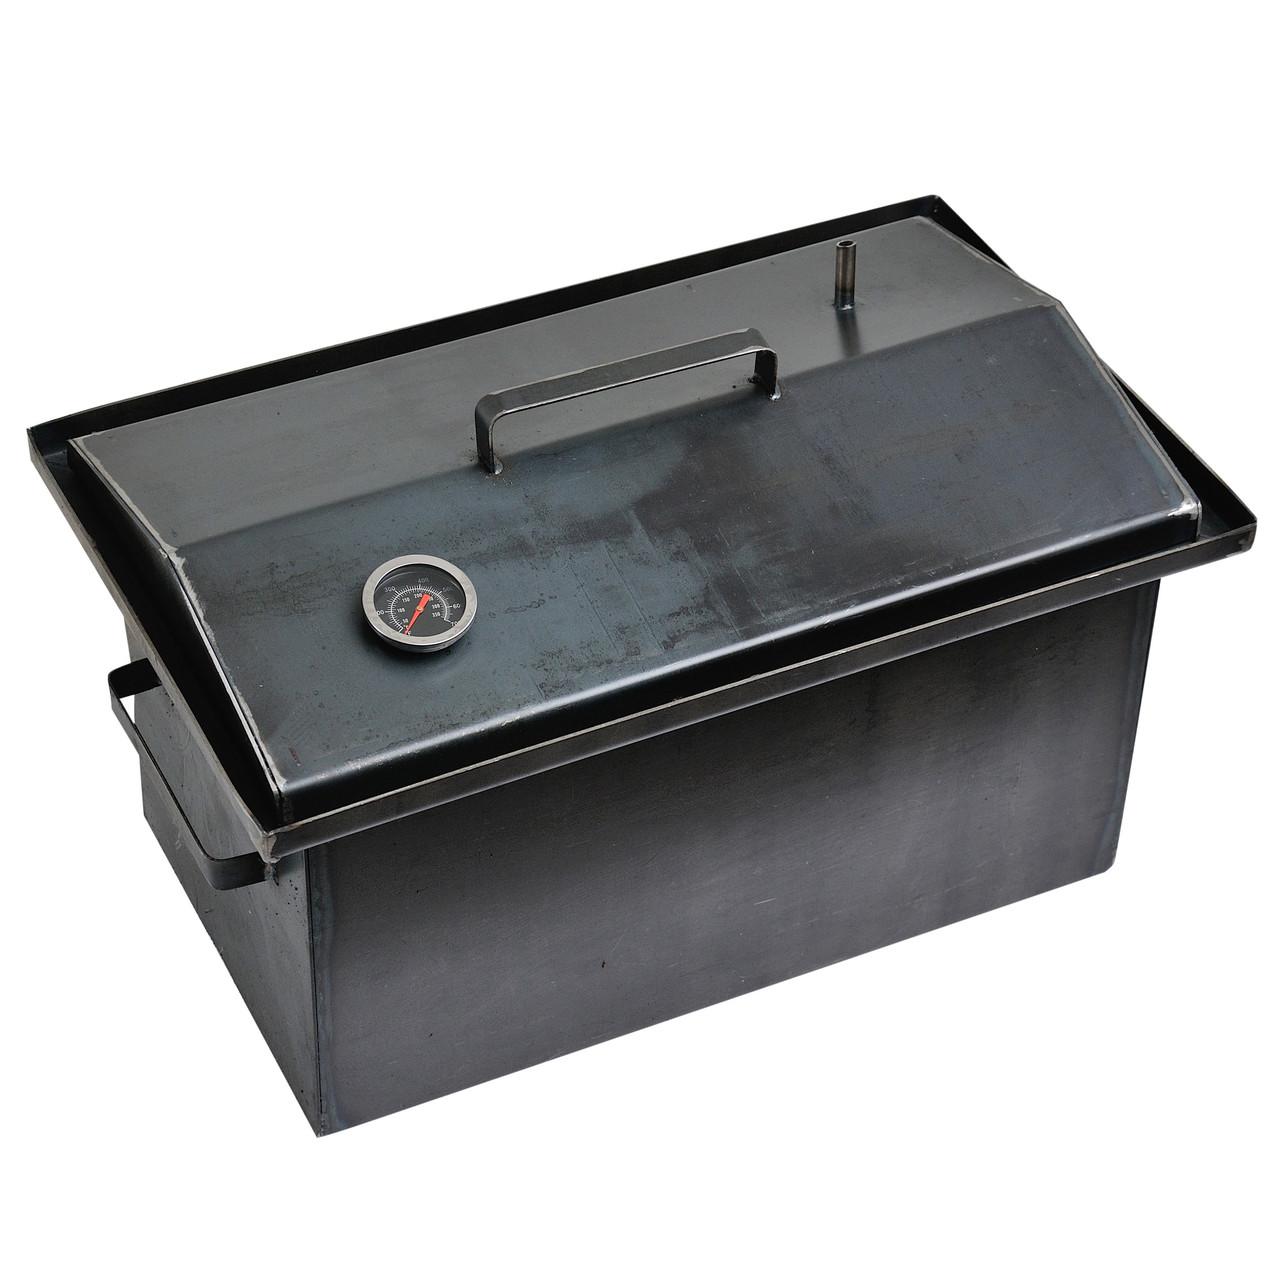 Коптильня гарячого копчення 2мм 460х260х240мм з термометром (каганець,каптилка)